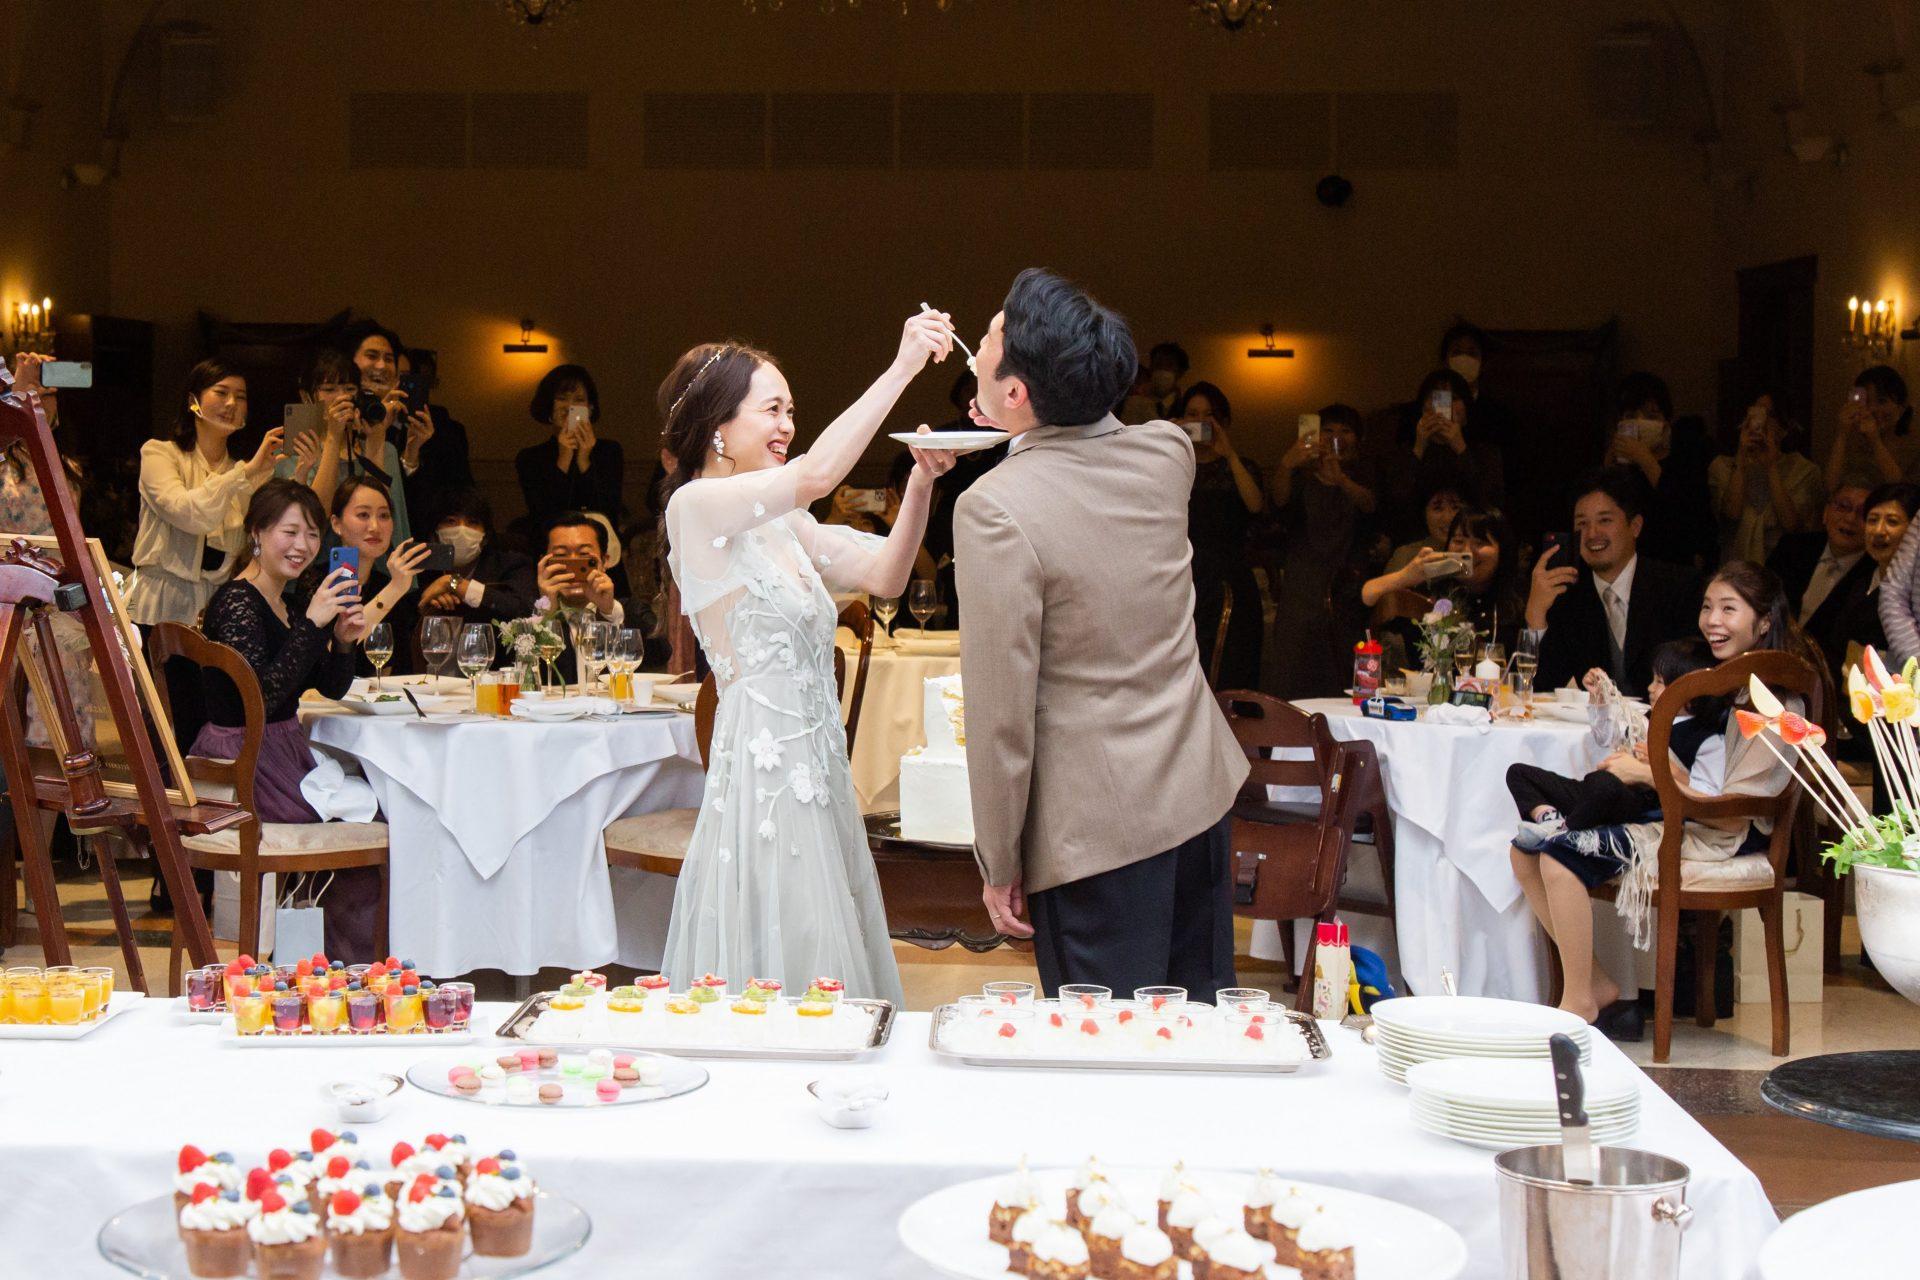 披露宴会場から続くガーデンチャペルで行ったケーキ入刀とファーストバイトはゲストと新郎新婦のソーシャルディスタンスを保ちながら楽しむことができます。